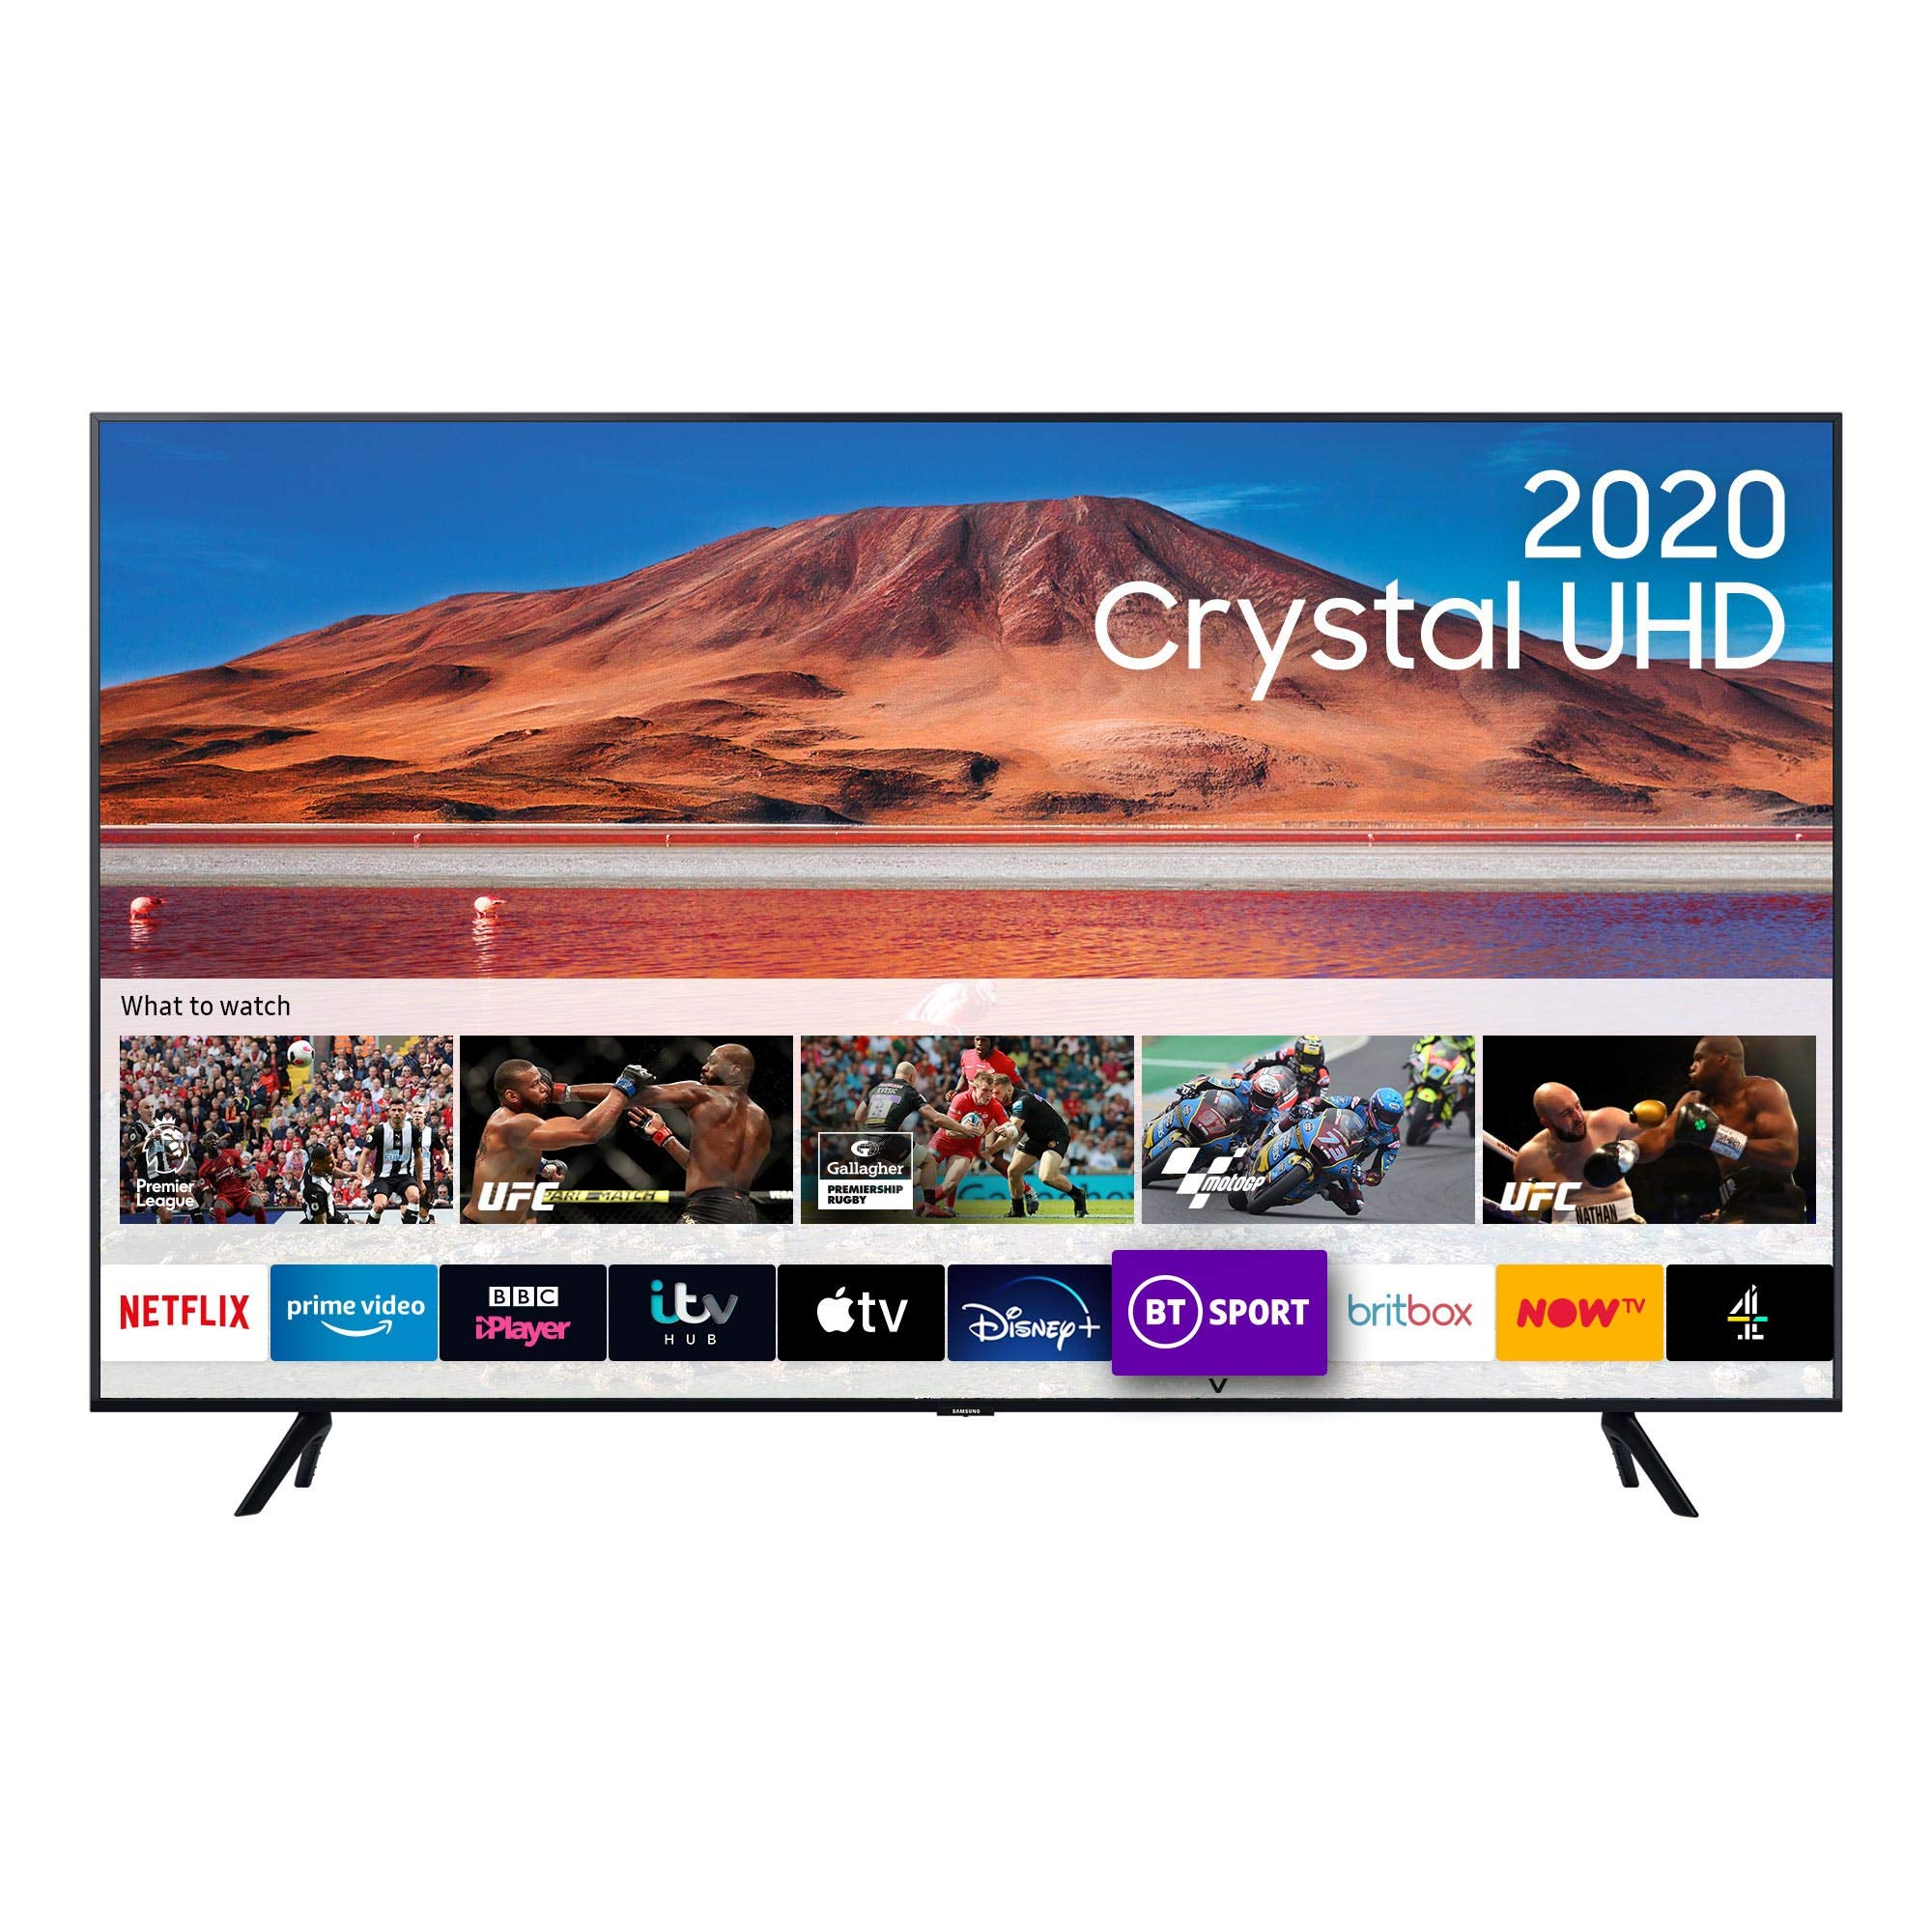 تلویزیون 55 اینچ Samsung TU8000 با کیفیت تصویر 4K